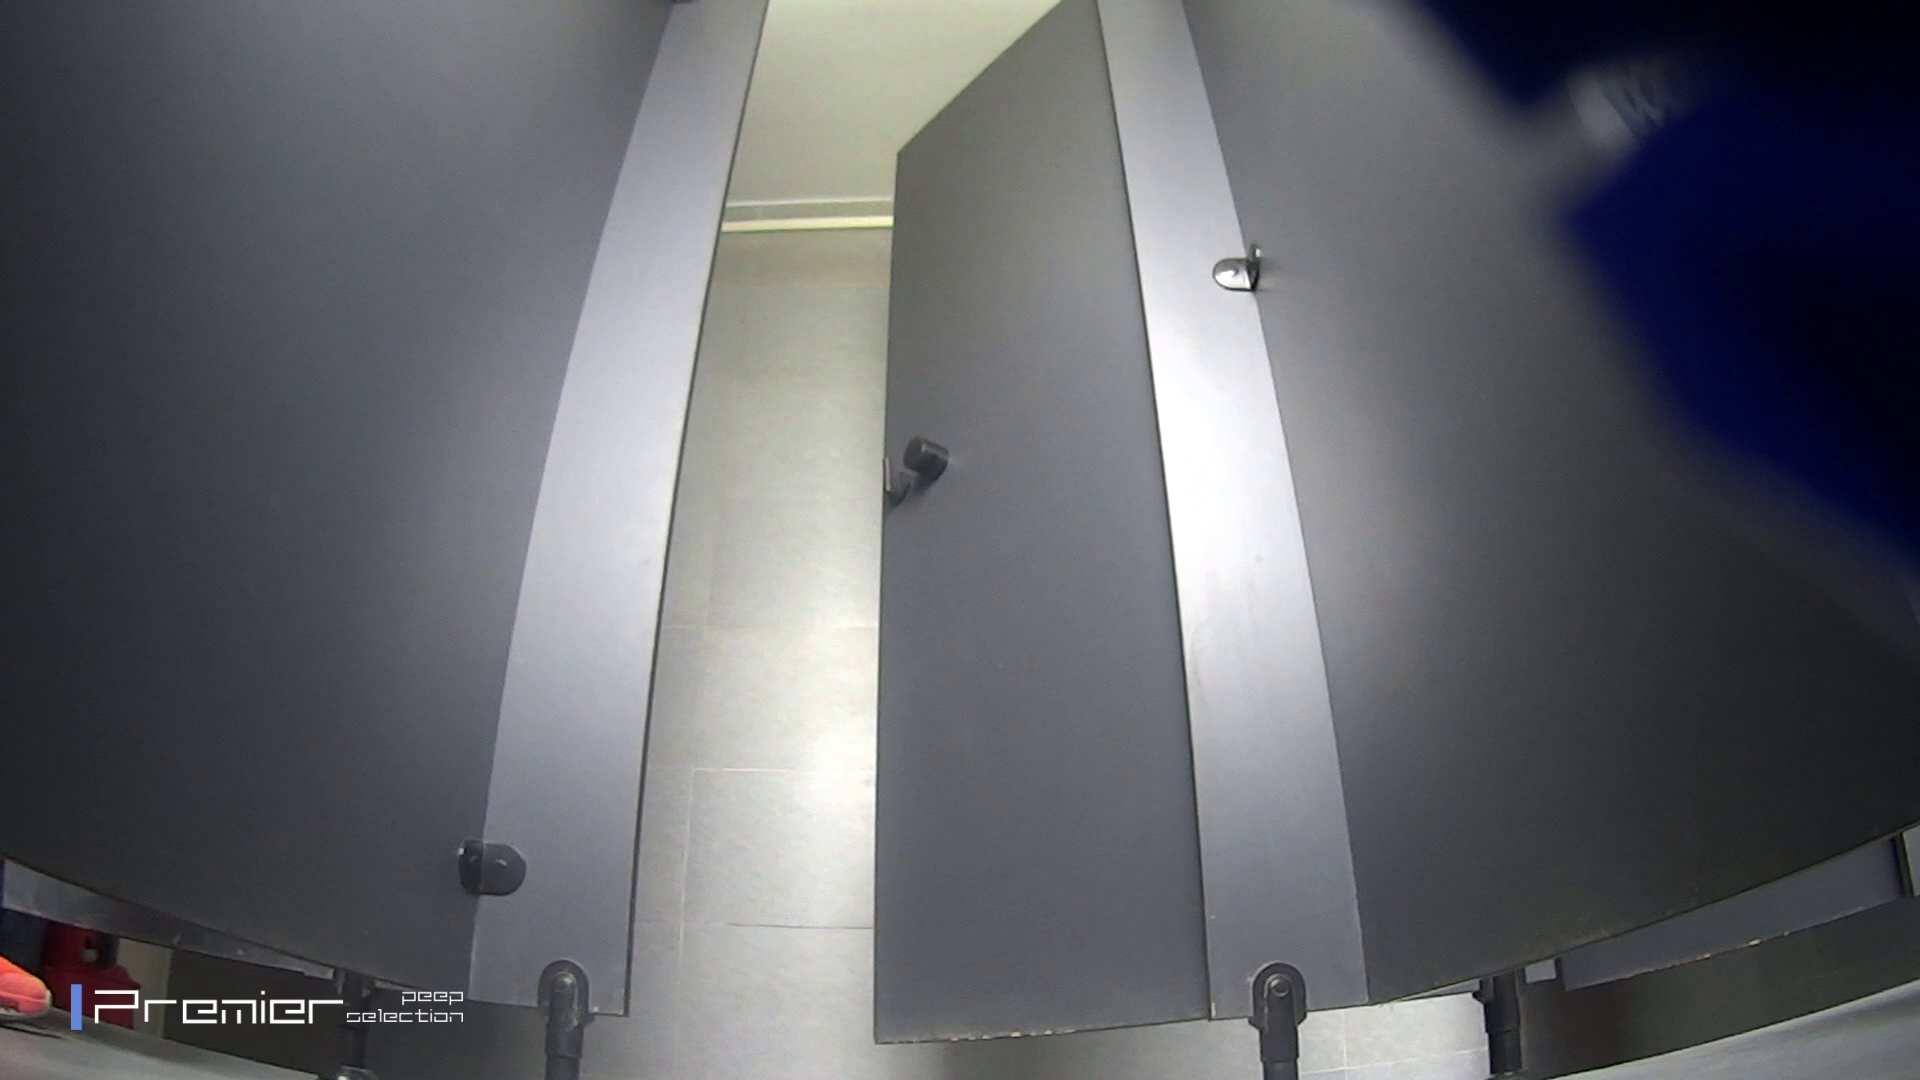 ツンデレお女市さんのトイレ事情 大学休憩時間の洗面所事情32 トイレ中 | 美女達のヌード  100連発 82